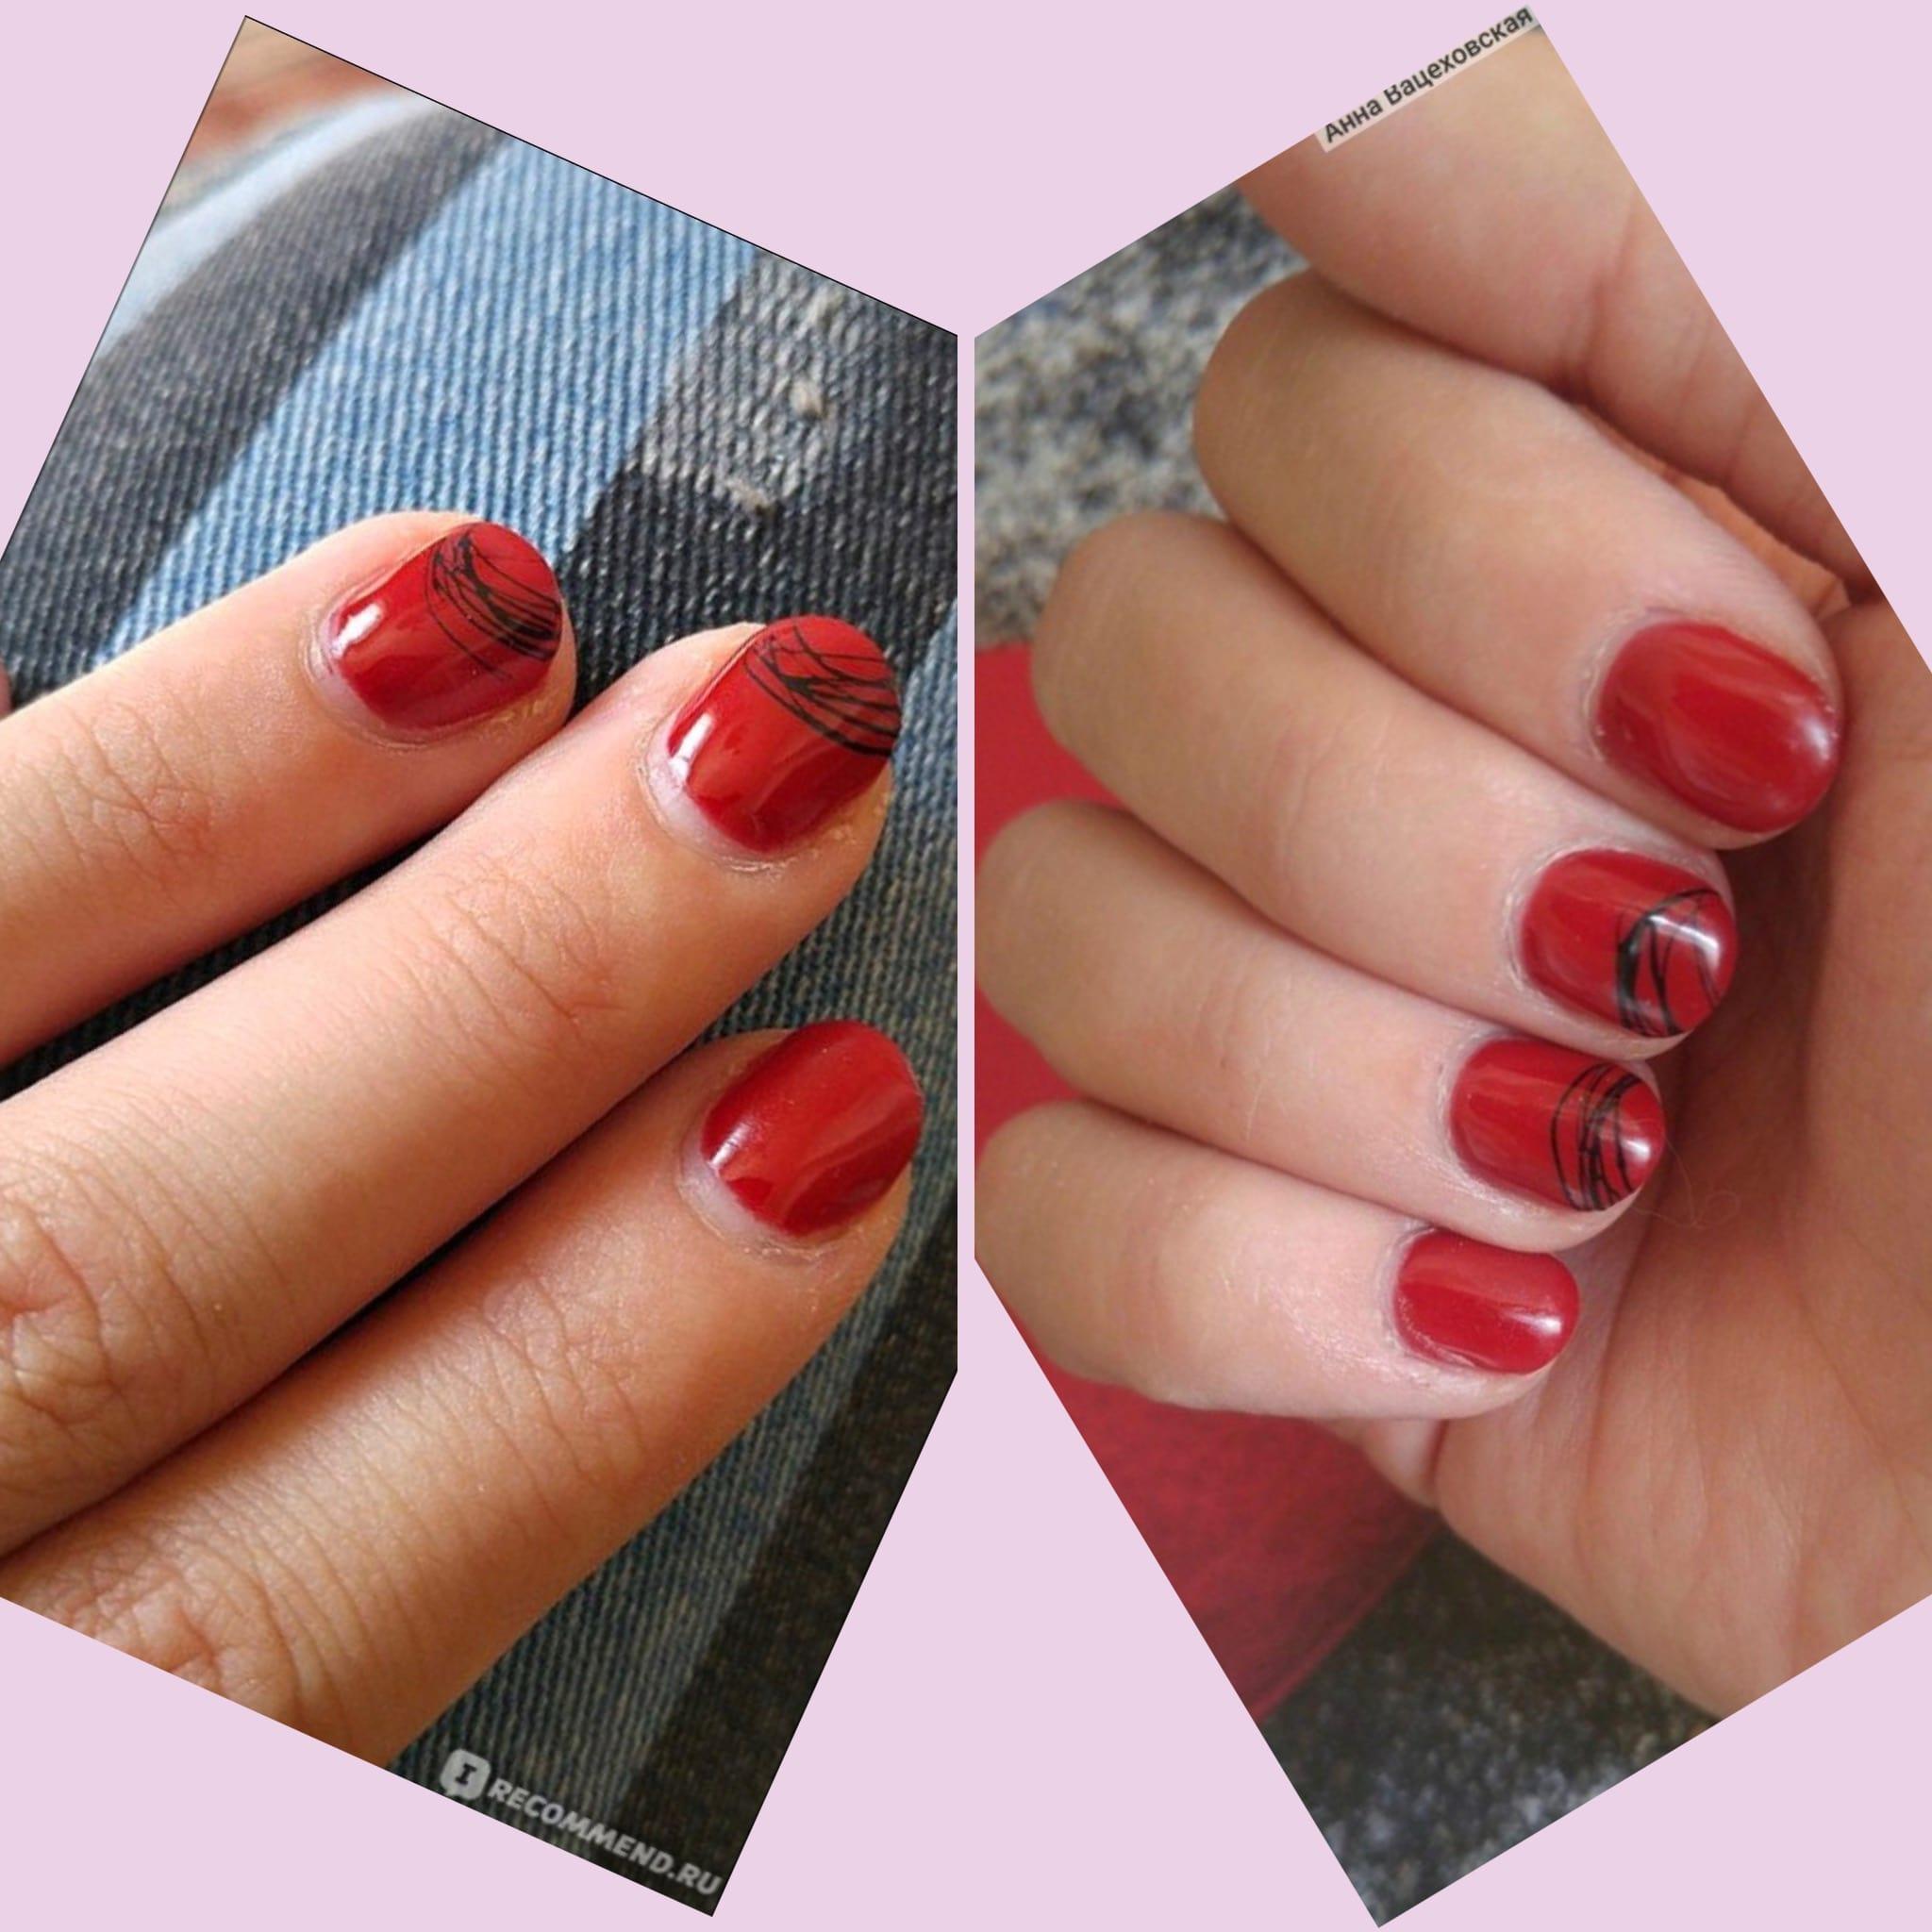 Пример носки ногтей сразу после маникюра и спустя 2 недели